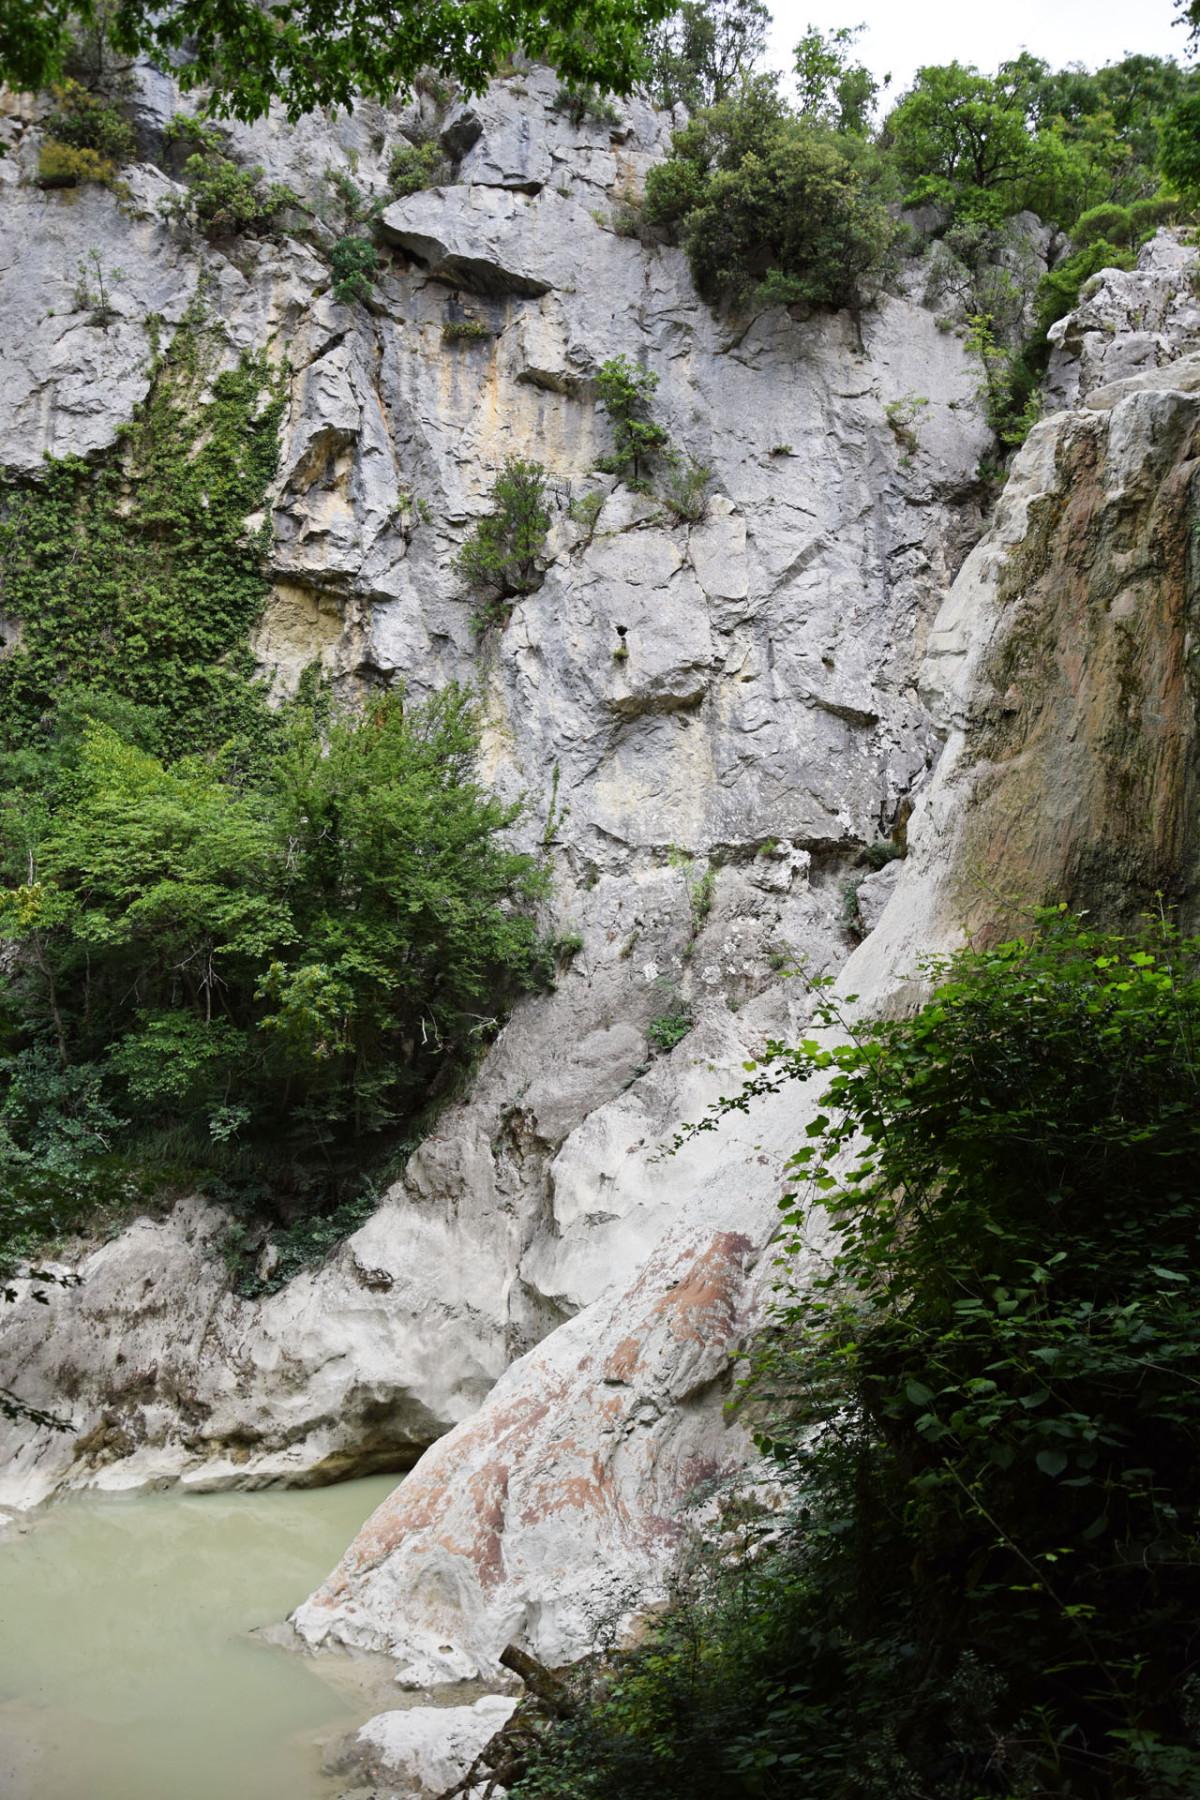 08 Am dritten Wasserfall